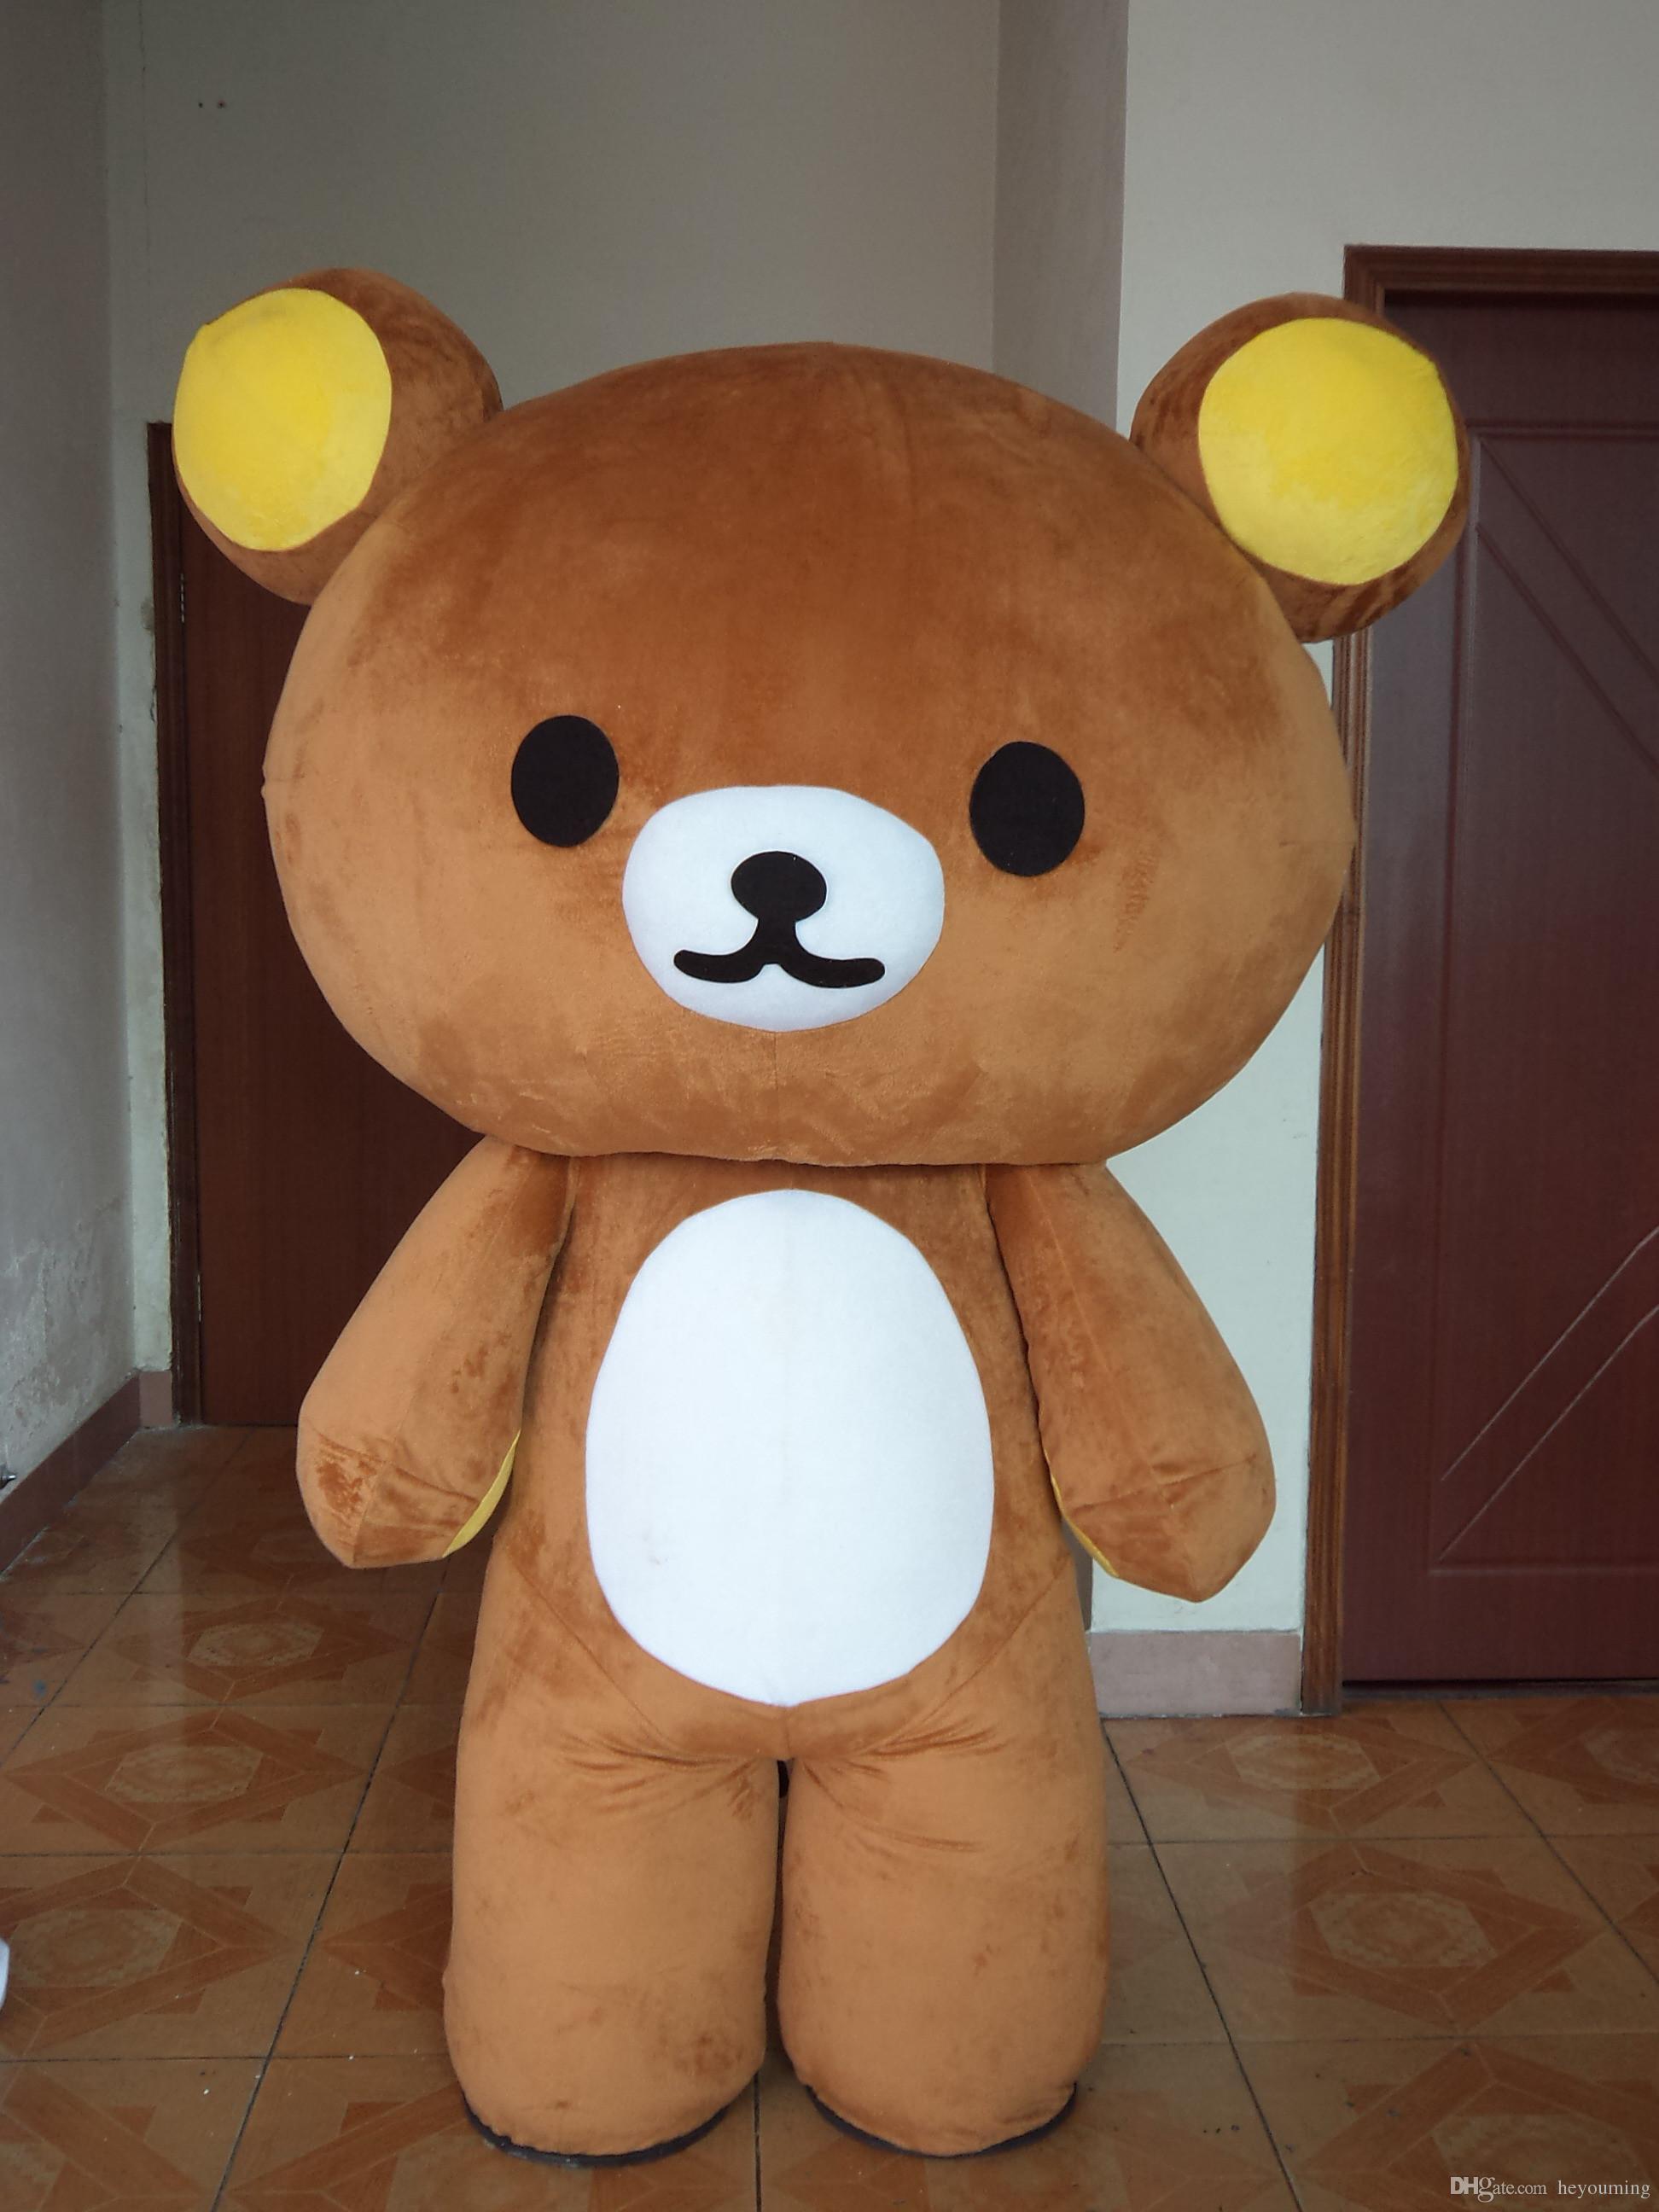 Rilakkuma Mascot Costumes Teddy Bear Costumes Custom Costume Halloween Costumes Children From Heyouming $138.7| Dhgate.Com & Rilakkuma Mascot Costumes Teddy Bear Costumes Custom Costume ...